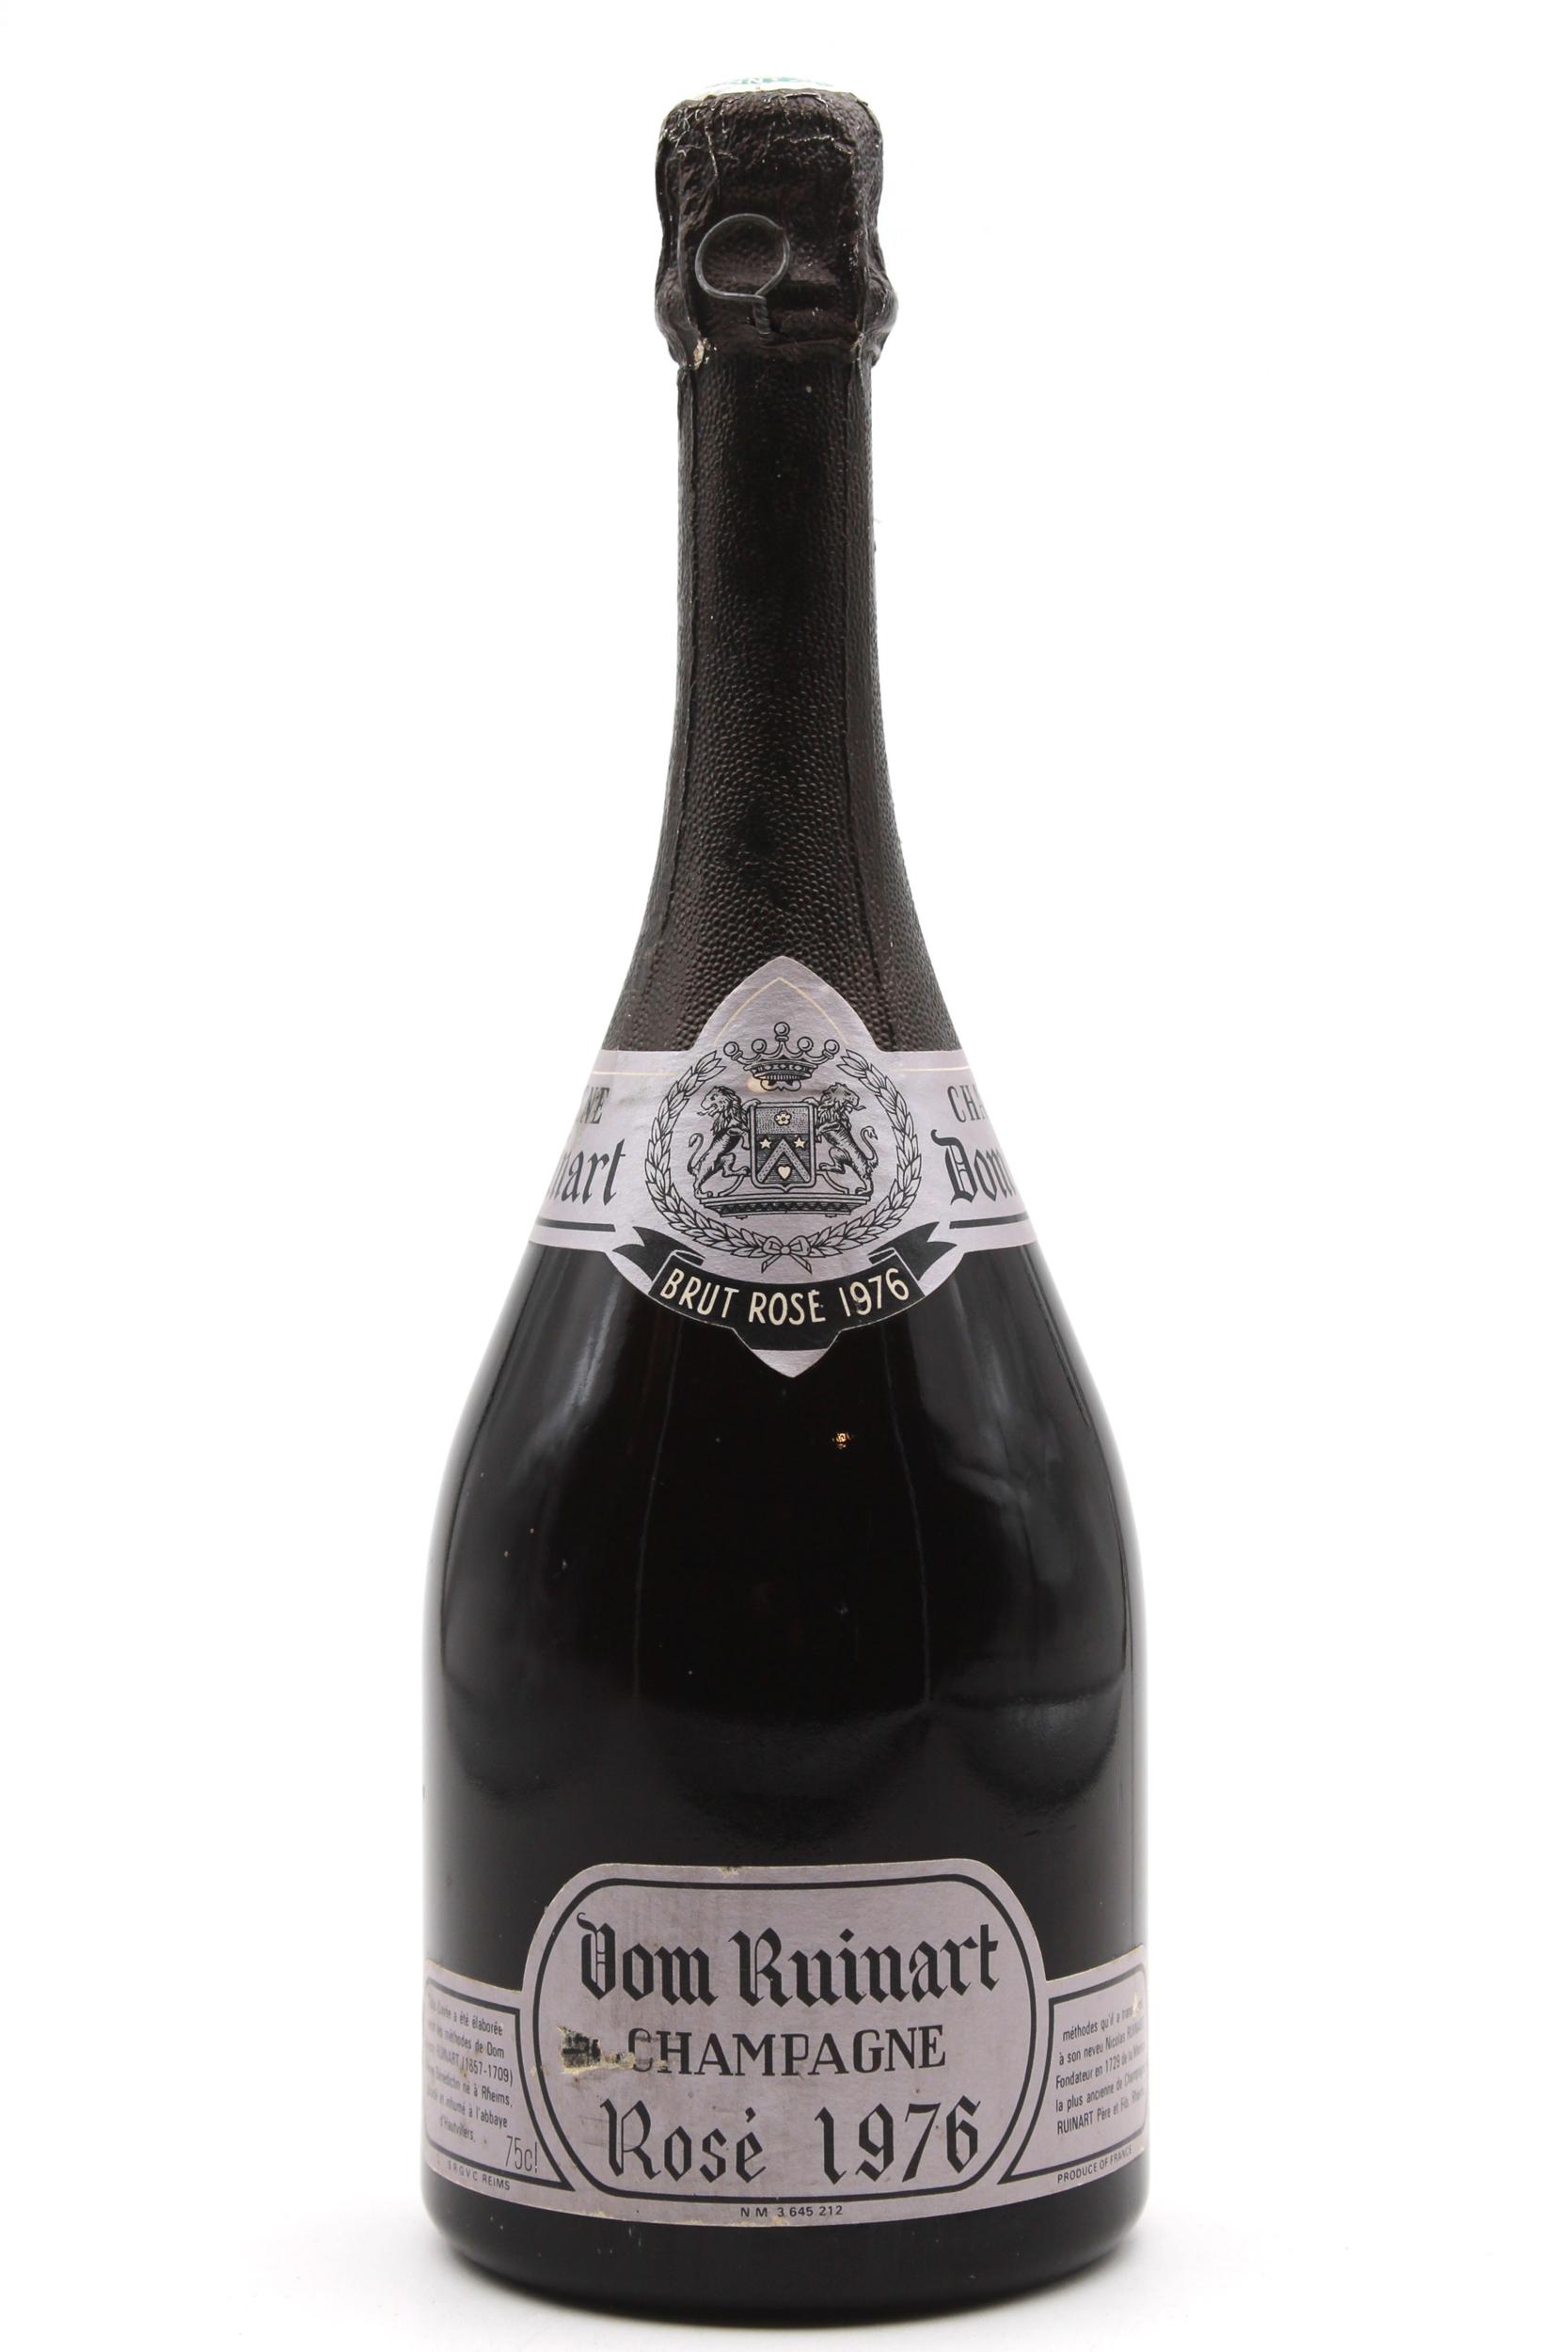 Champagne - Dom Ruinart - 1976 - Rosé - 75cl